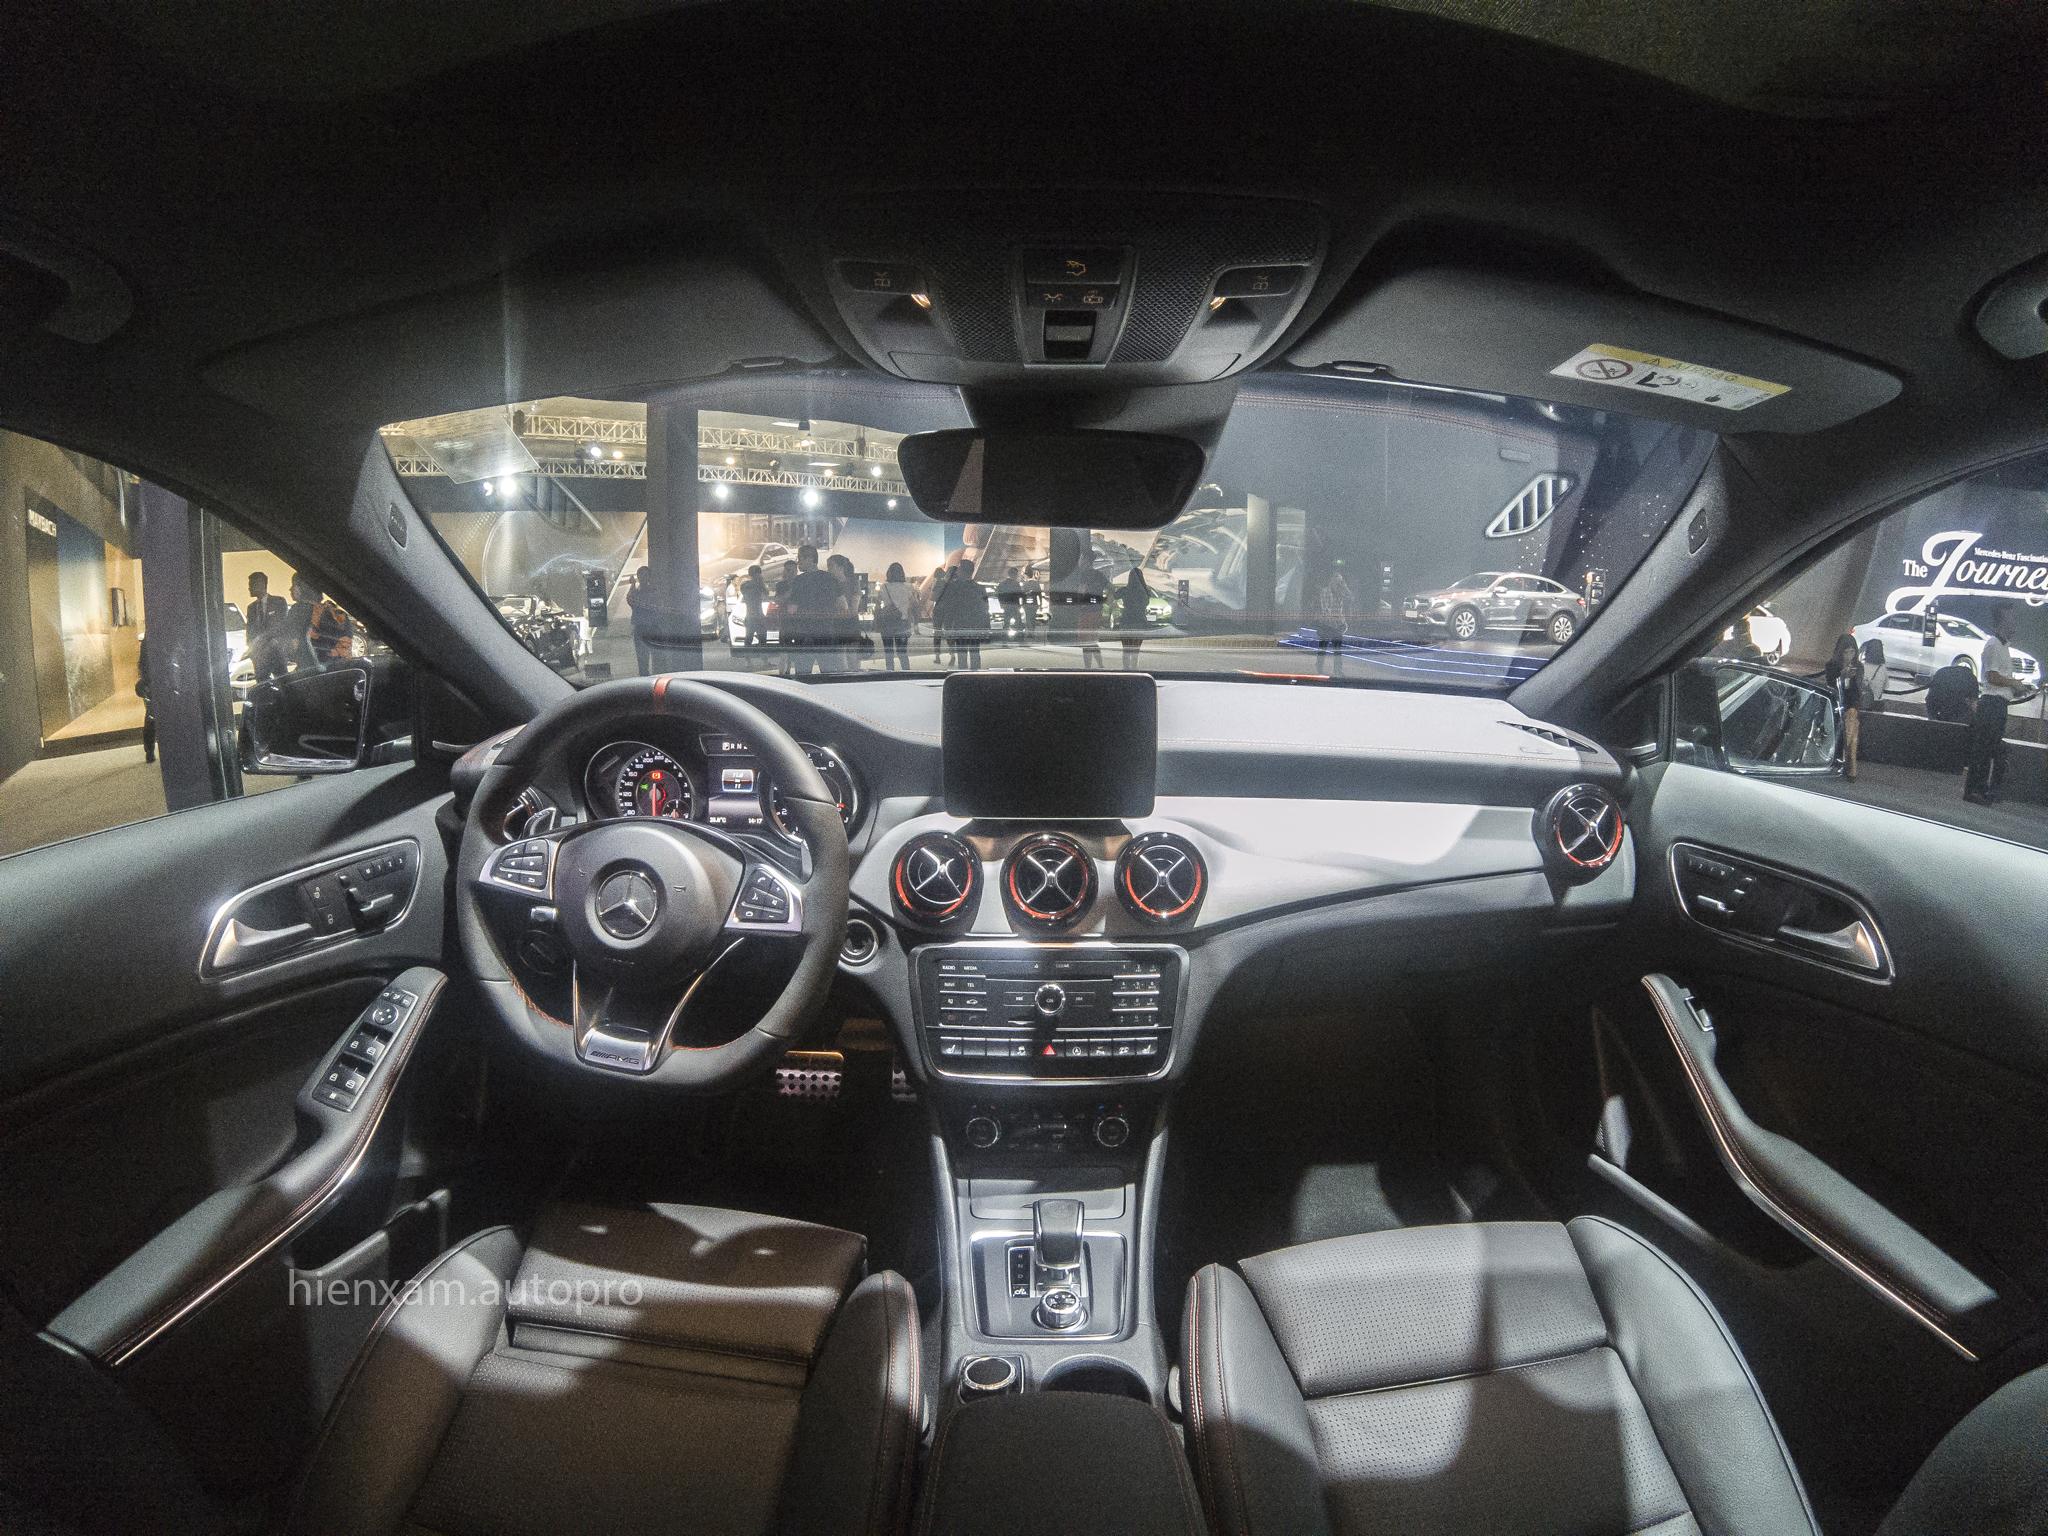 Cận cảnh Mercedes-Benz GLA 45 AMG giá 2,279 tỉ đồng - Ảnh 4.